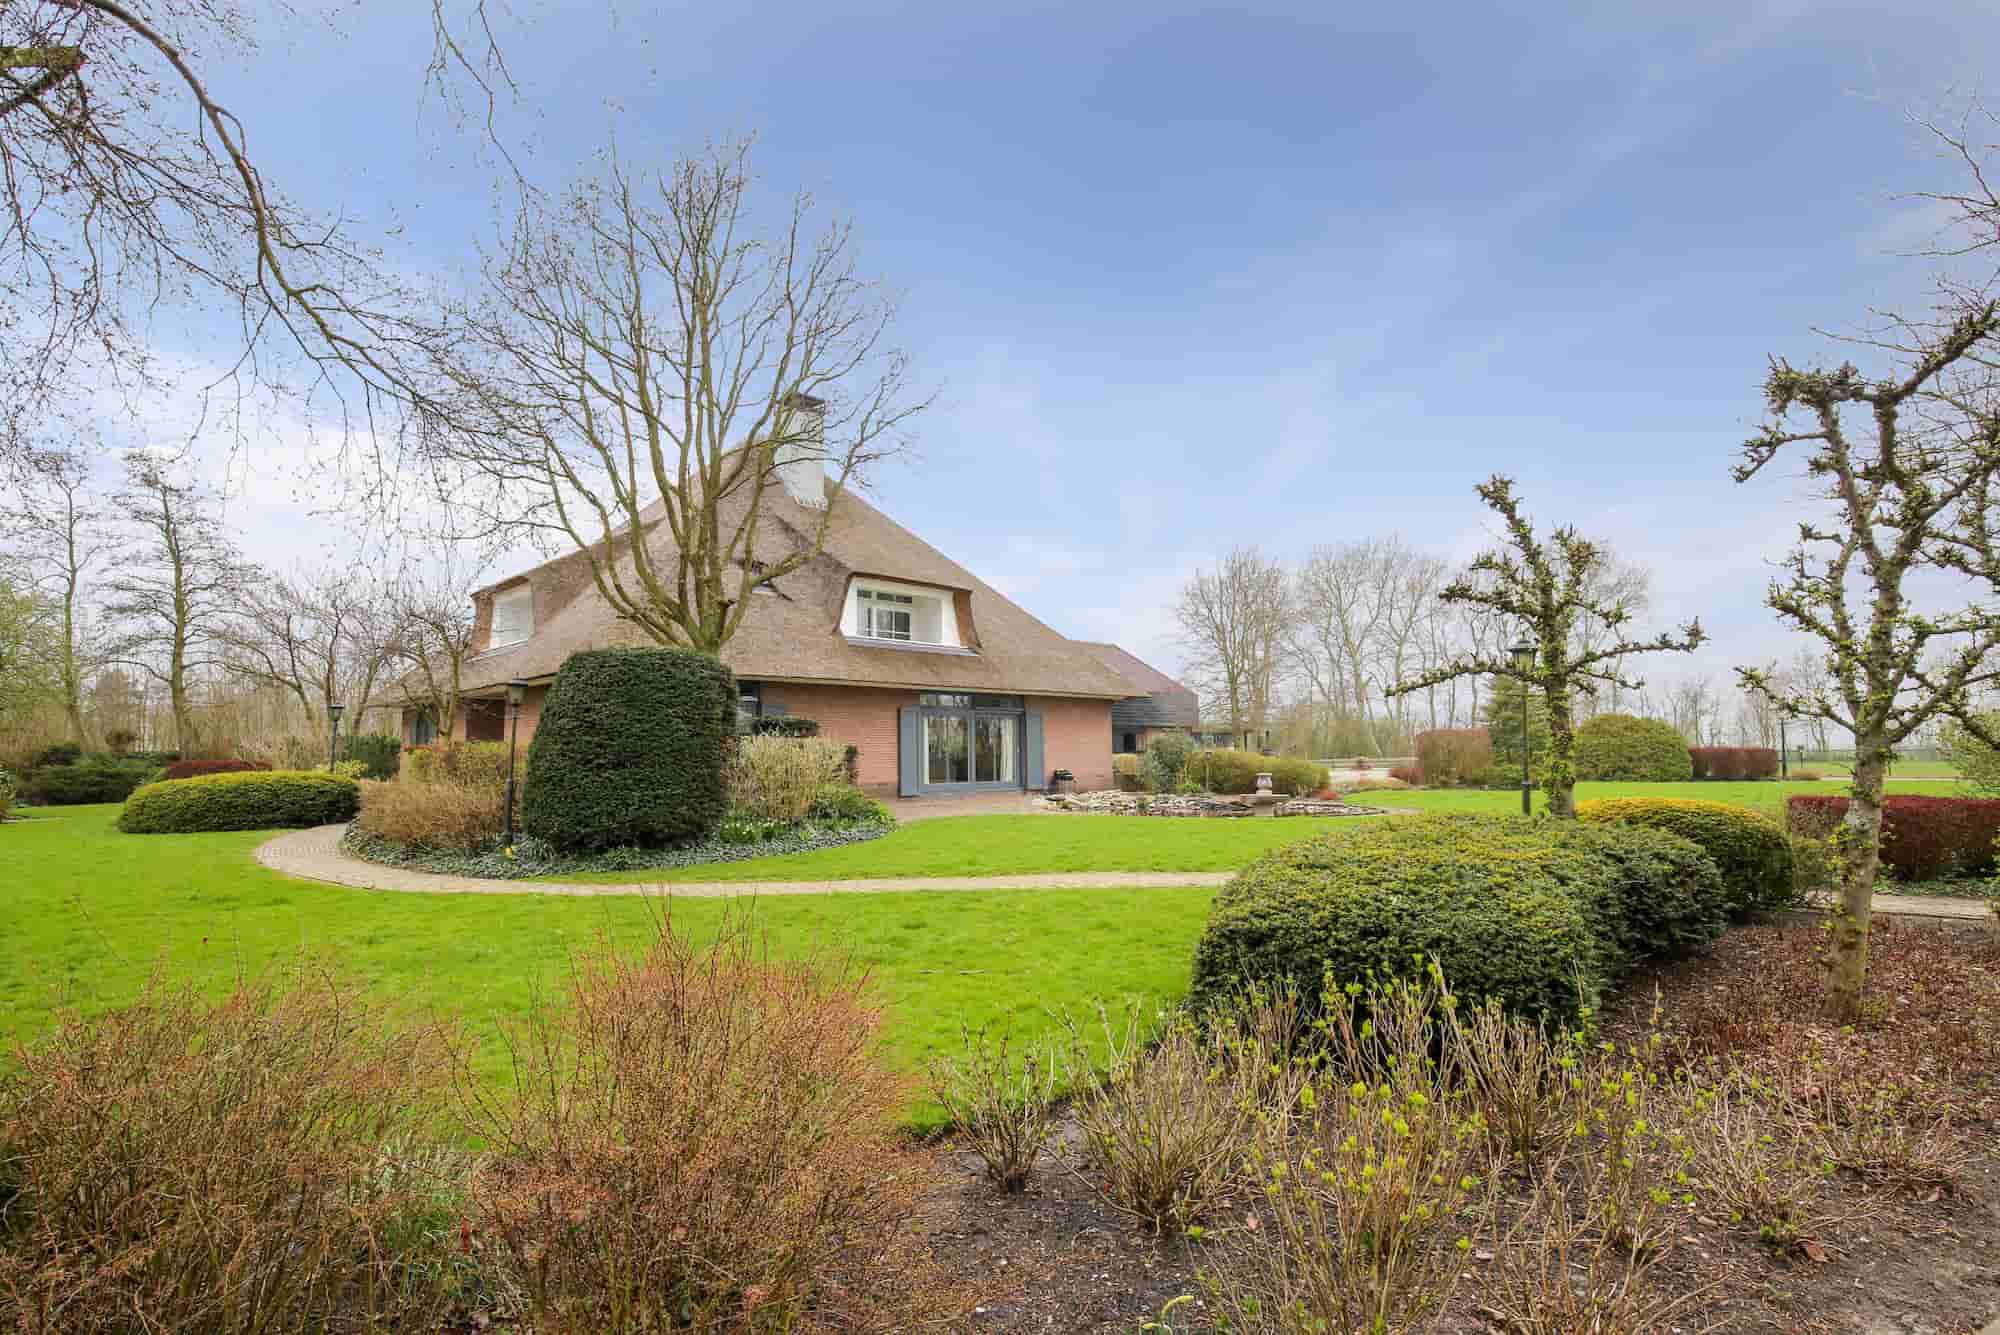 Villa voor 8 personen gelegen aan de rand van Schoorl. Honden en paarden welkom.